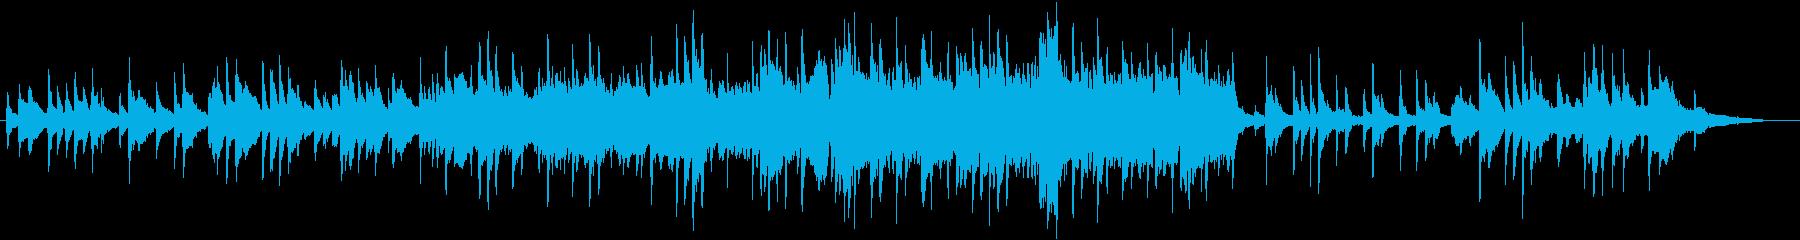 切なくドラマティックなピアノサウンドの再生済みの波形